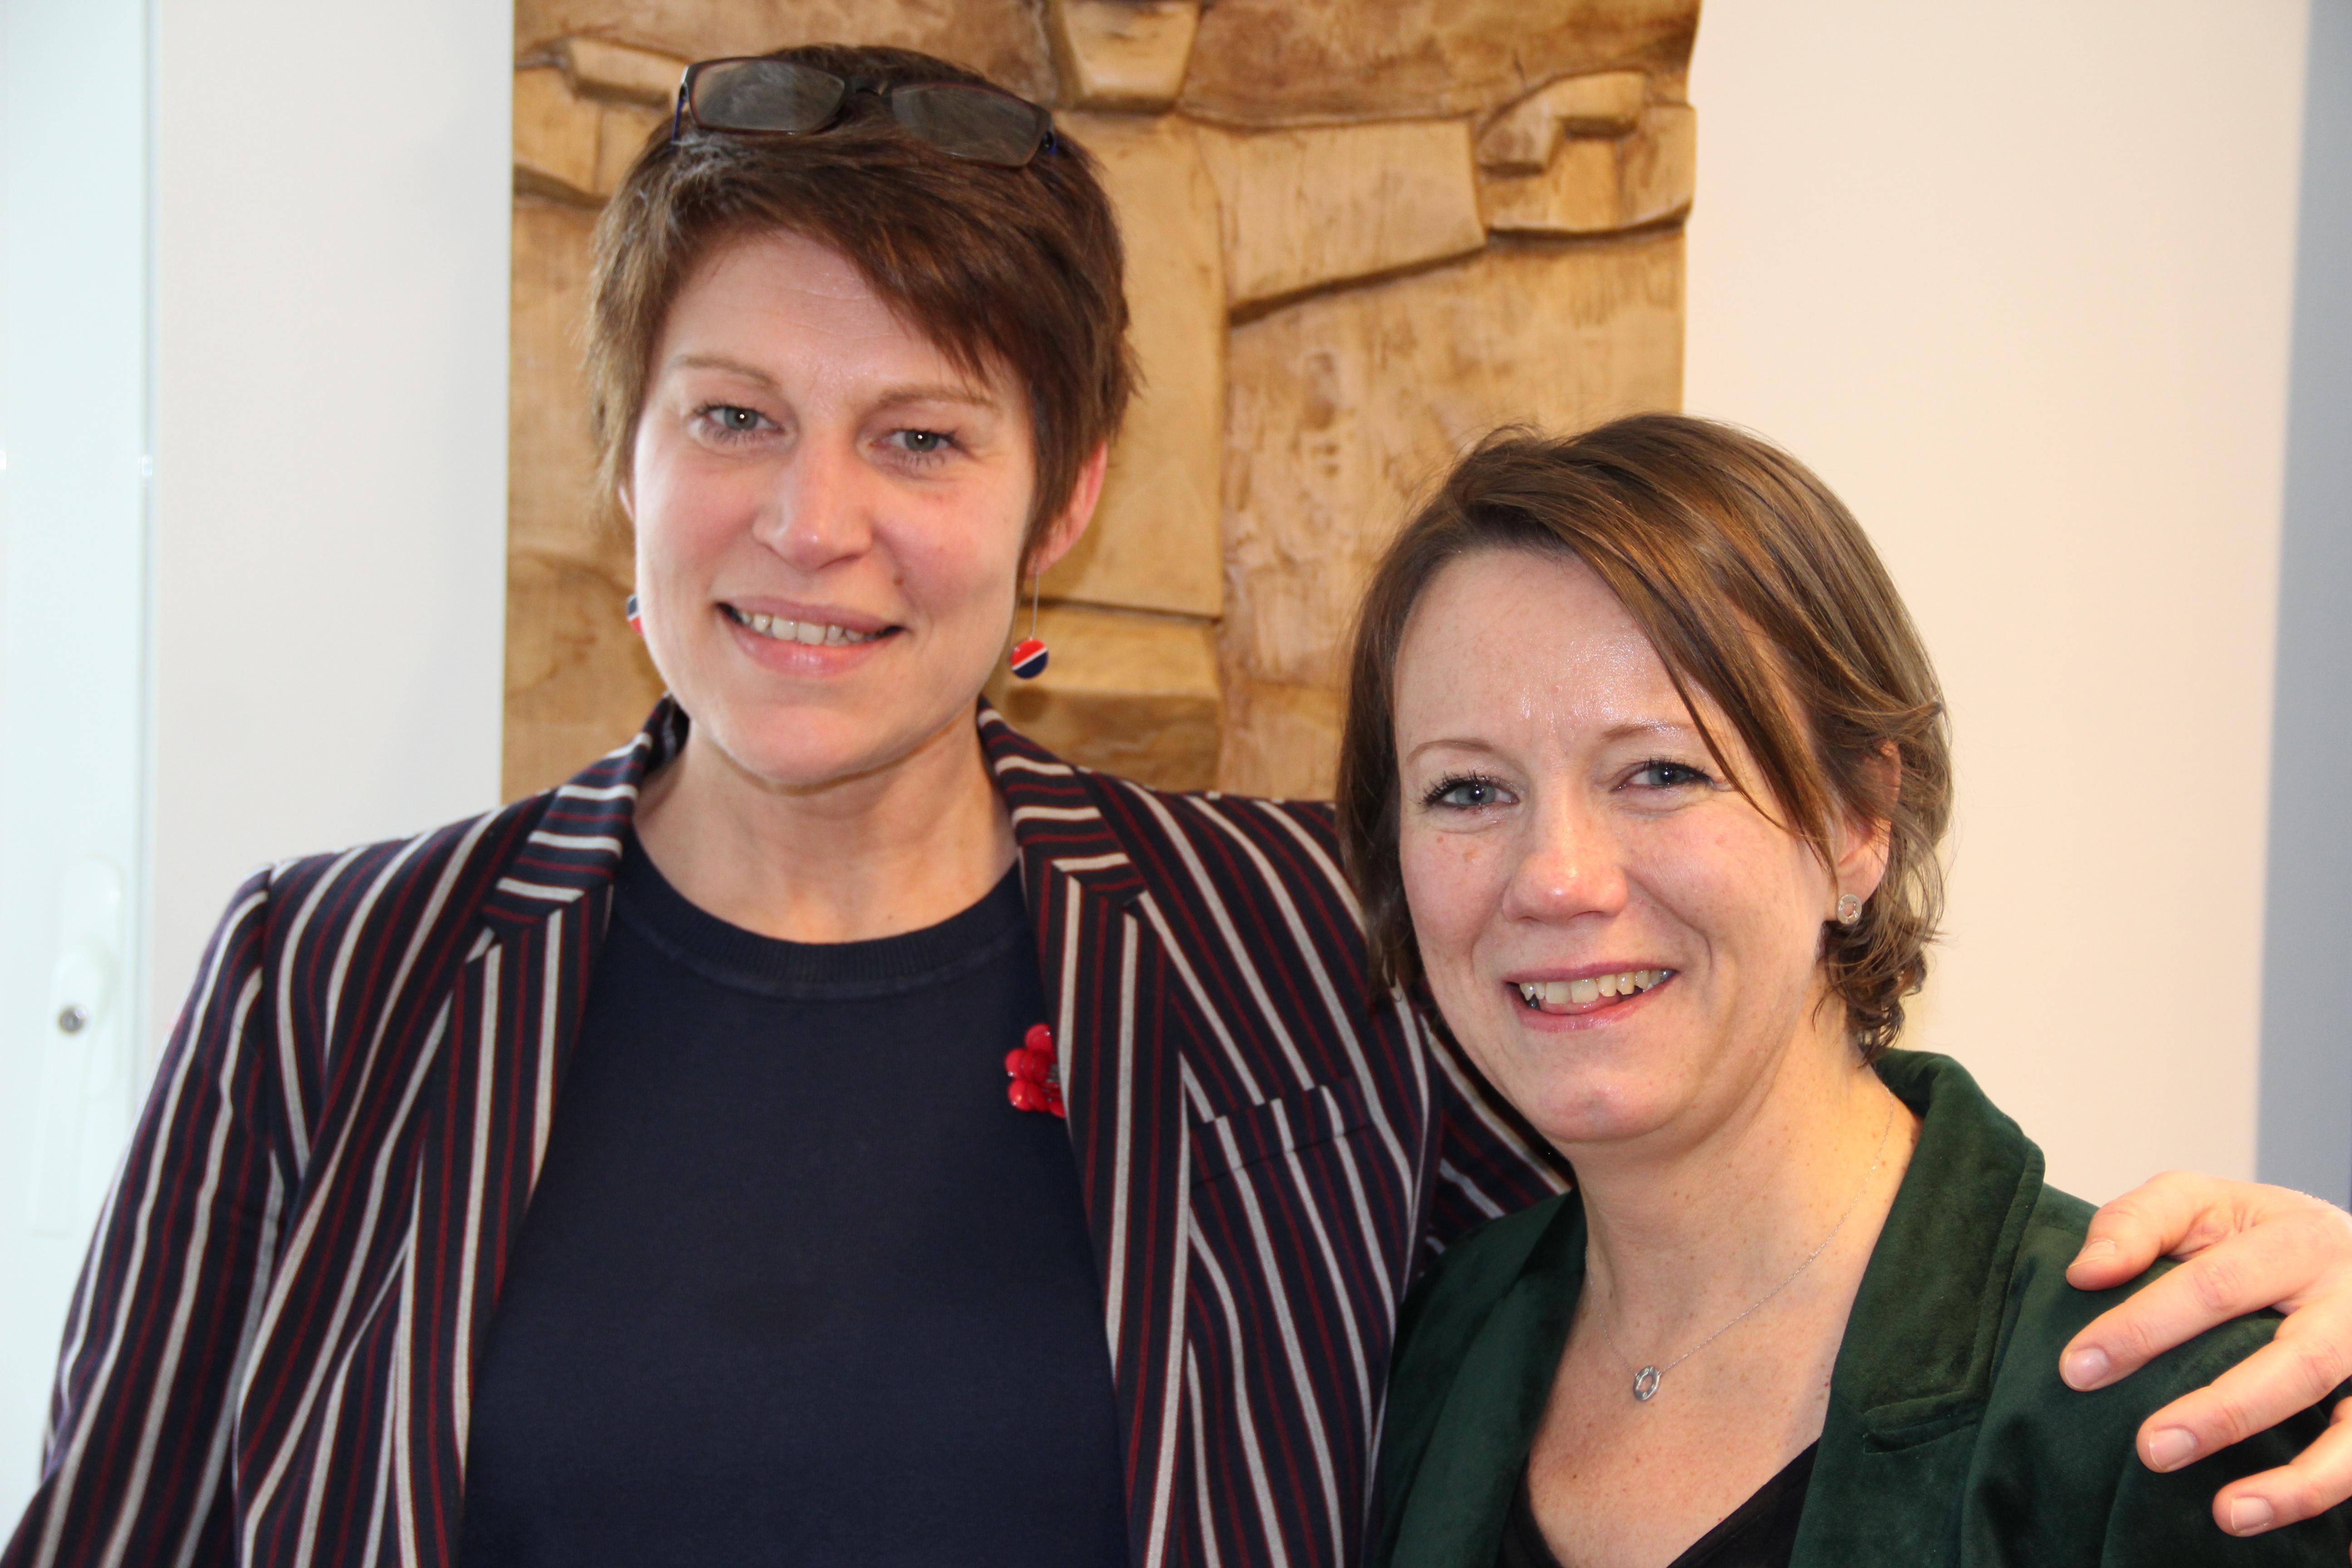 Erfahrung bringt Erneuerung: Valerie Notelaers neue Direktorin der CKK Verviers-Eupen